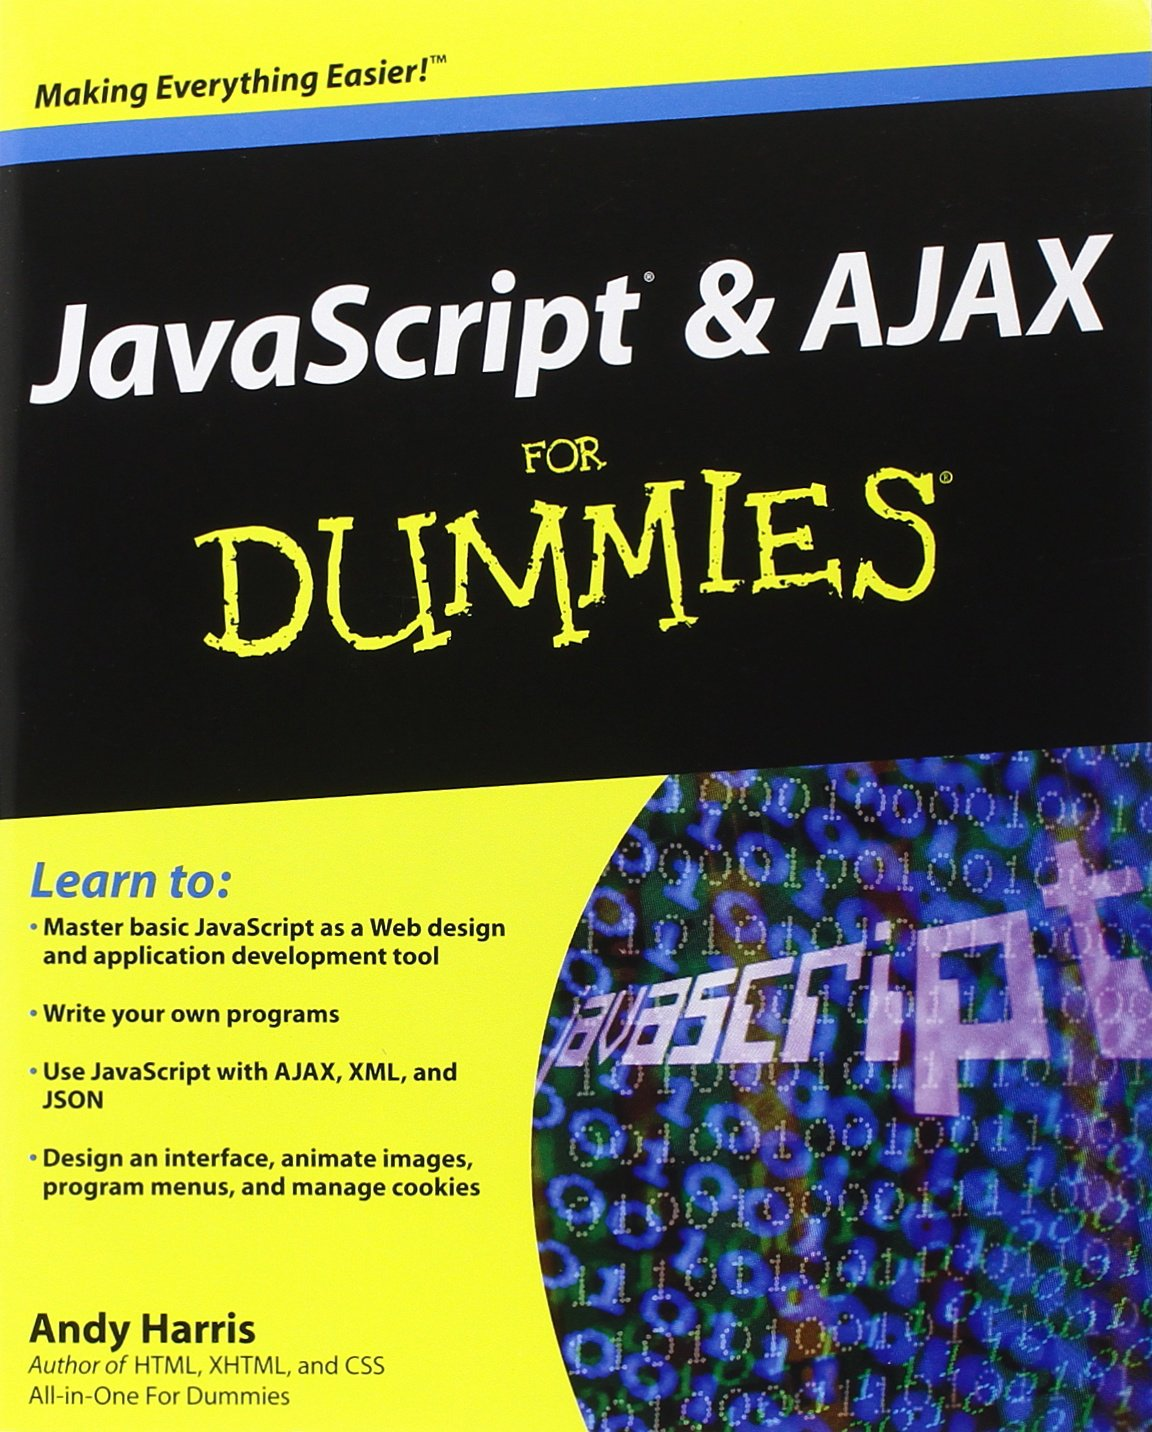 JavaScript and AJAX For Dummies